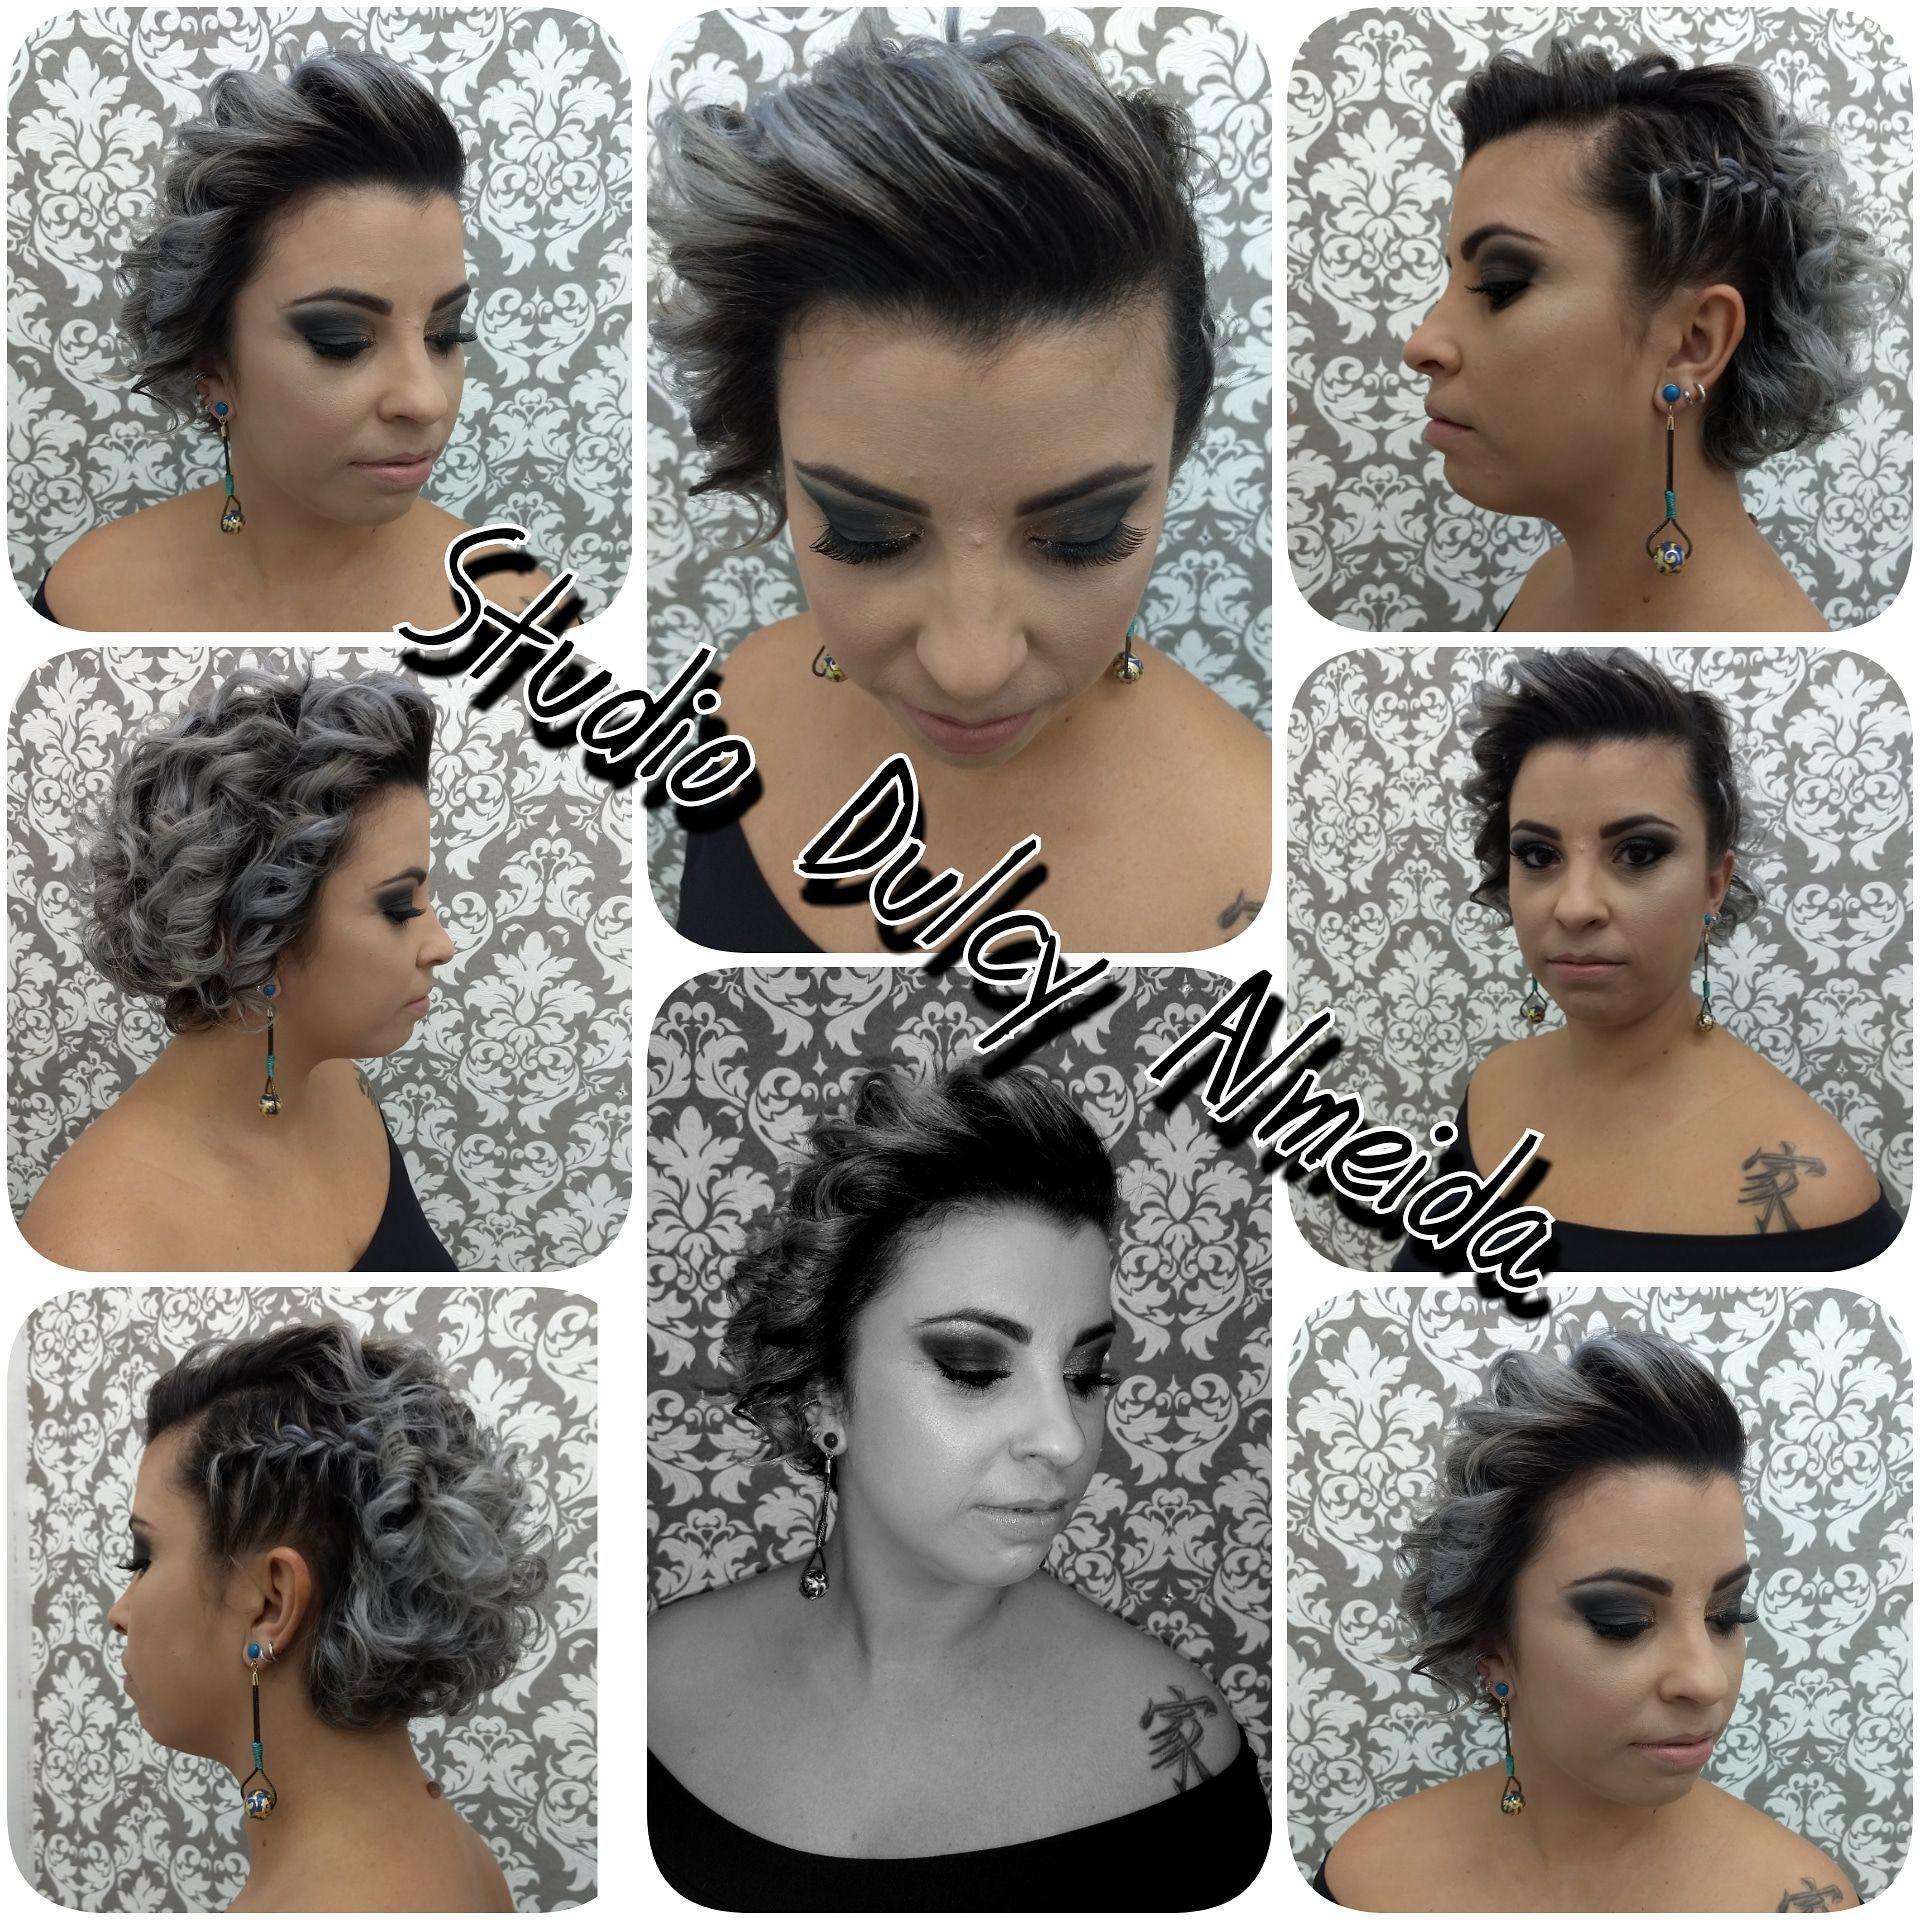 Maque-up e cabelo linda cabelo stylist / visagista empresário(a) maquiador(a) designer de sobrancelhas dermopigmentador(a) estudante cabeleireiro(a) coordenador(a) consultor(a) estudante (visagista) aromaterapeuta outros